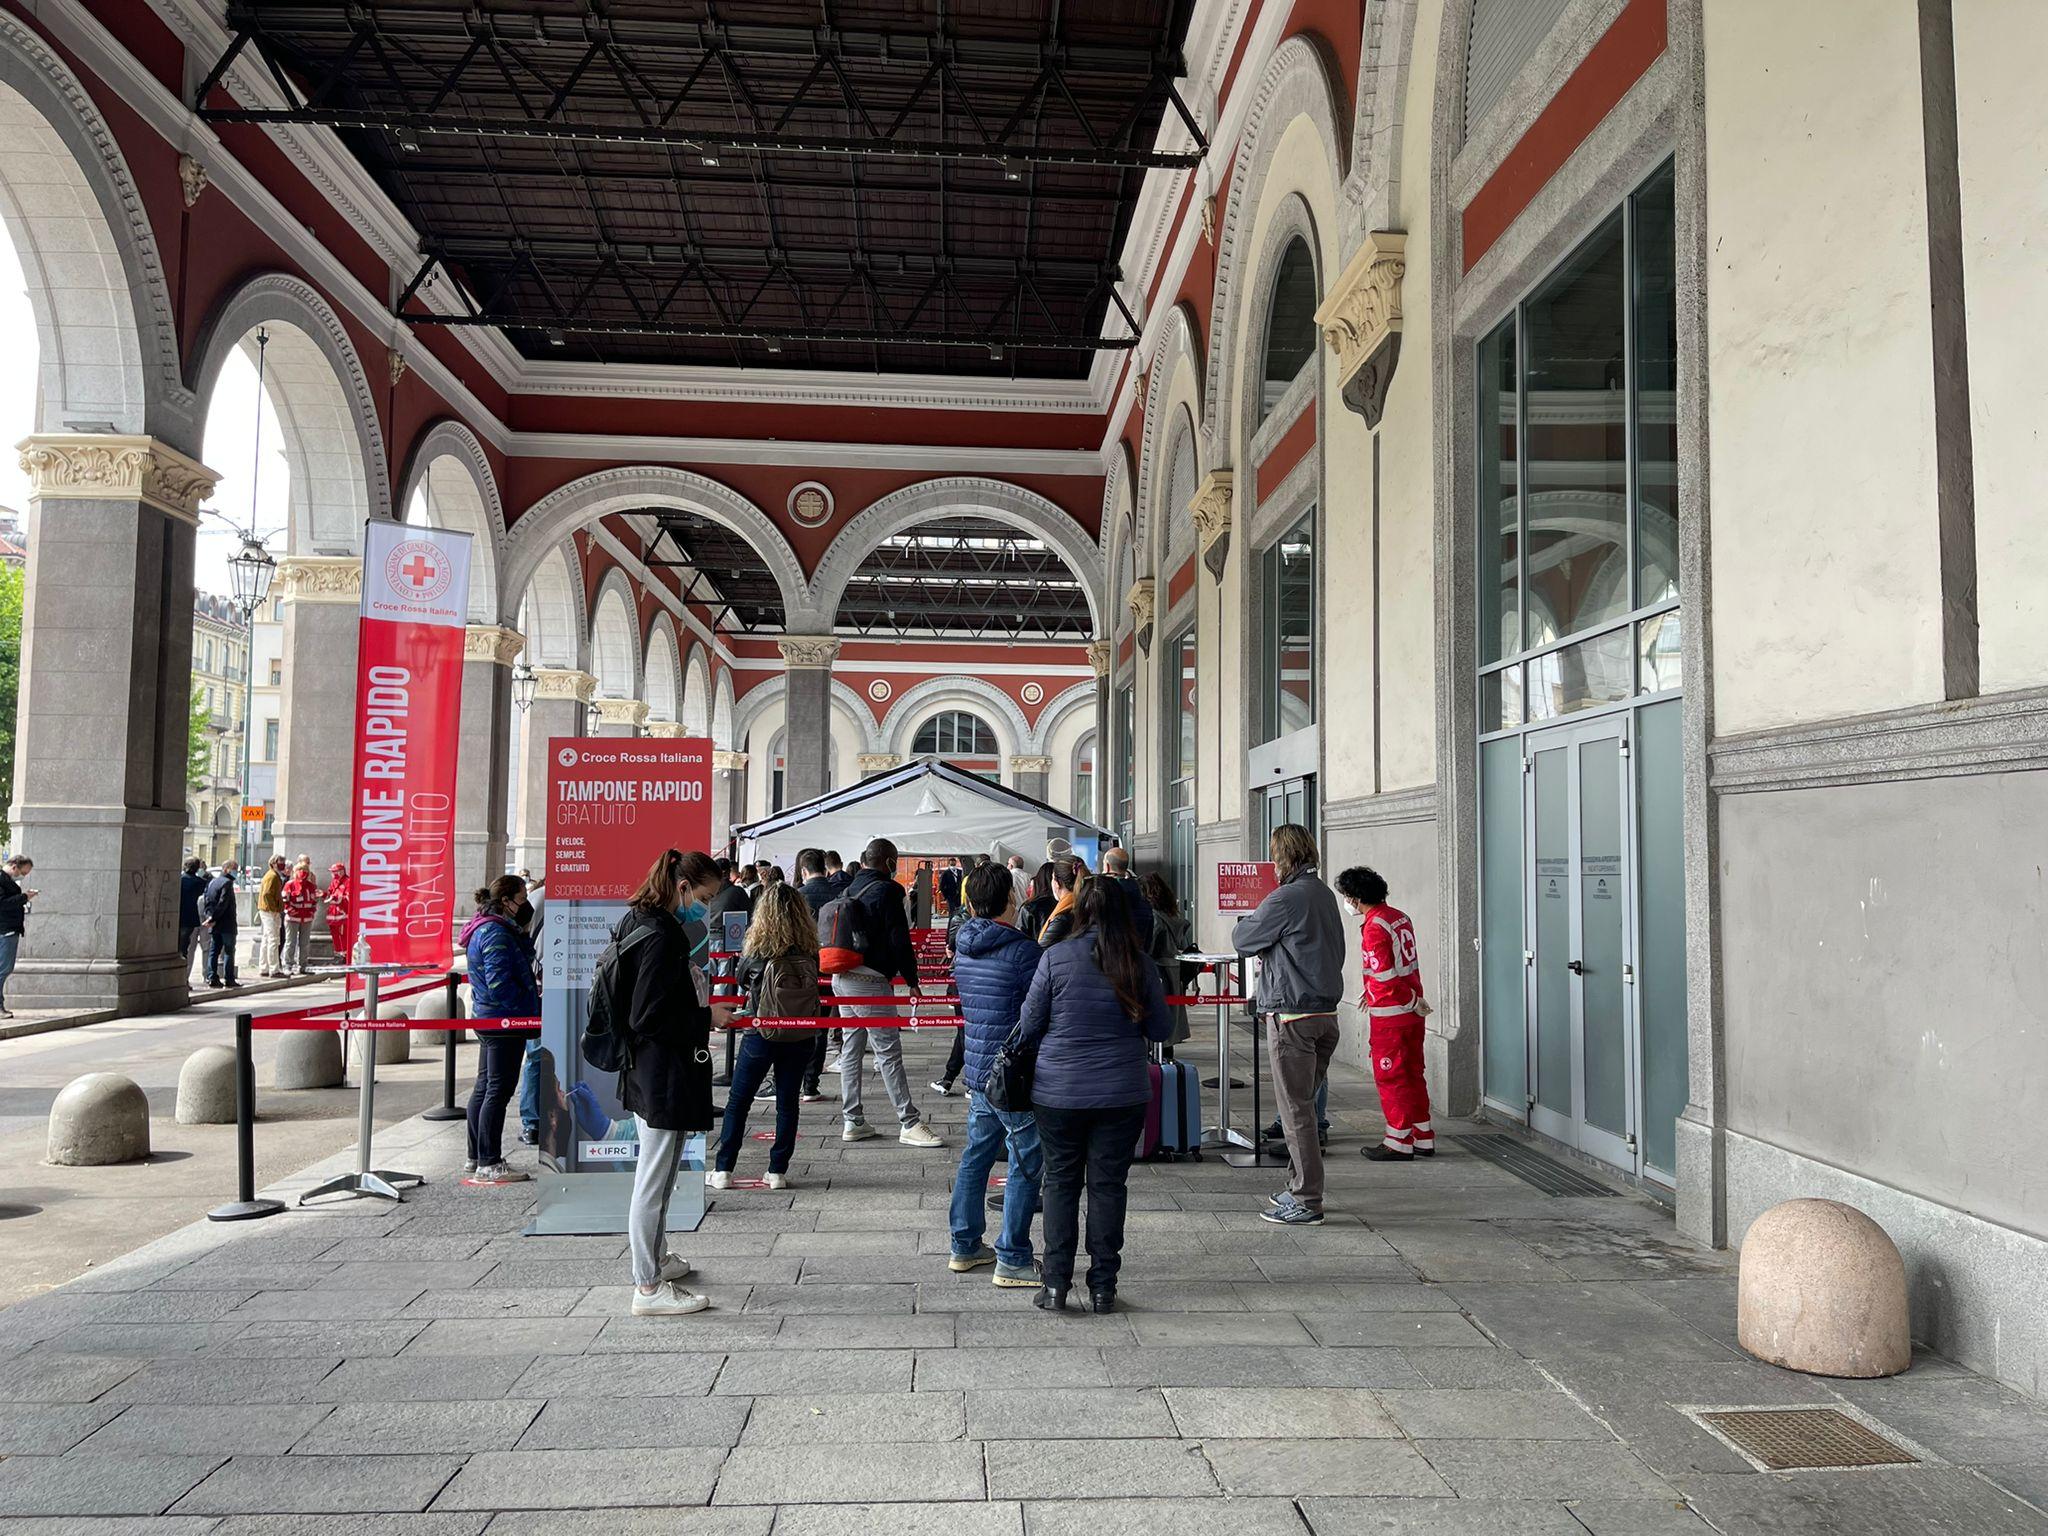 3-Il-centro-tamponi-della-Croce-Rossa-presso-la-stazione-di-Torino-Porta-Nuova-